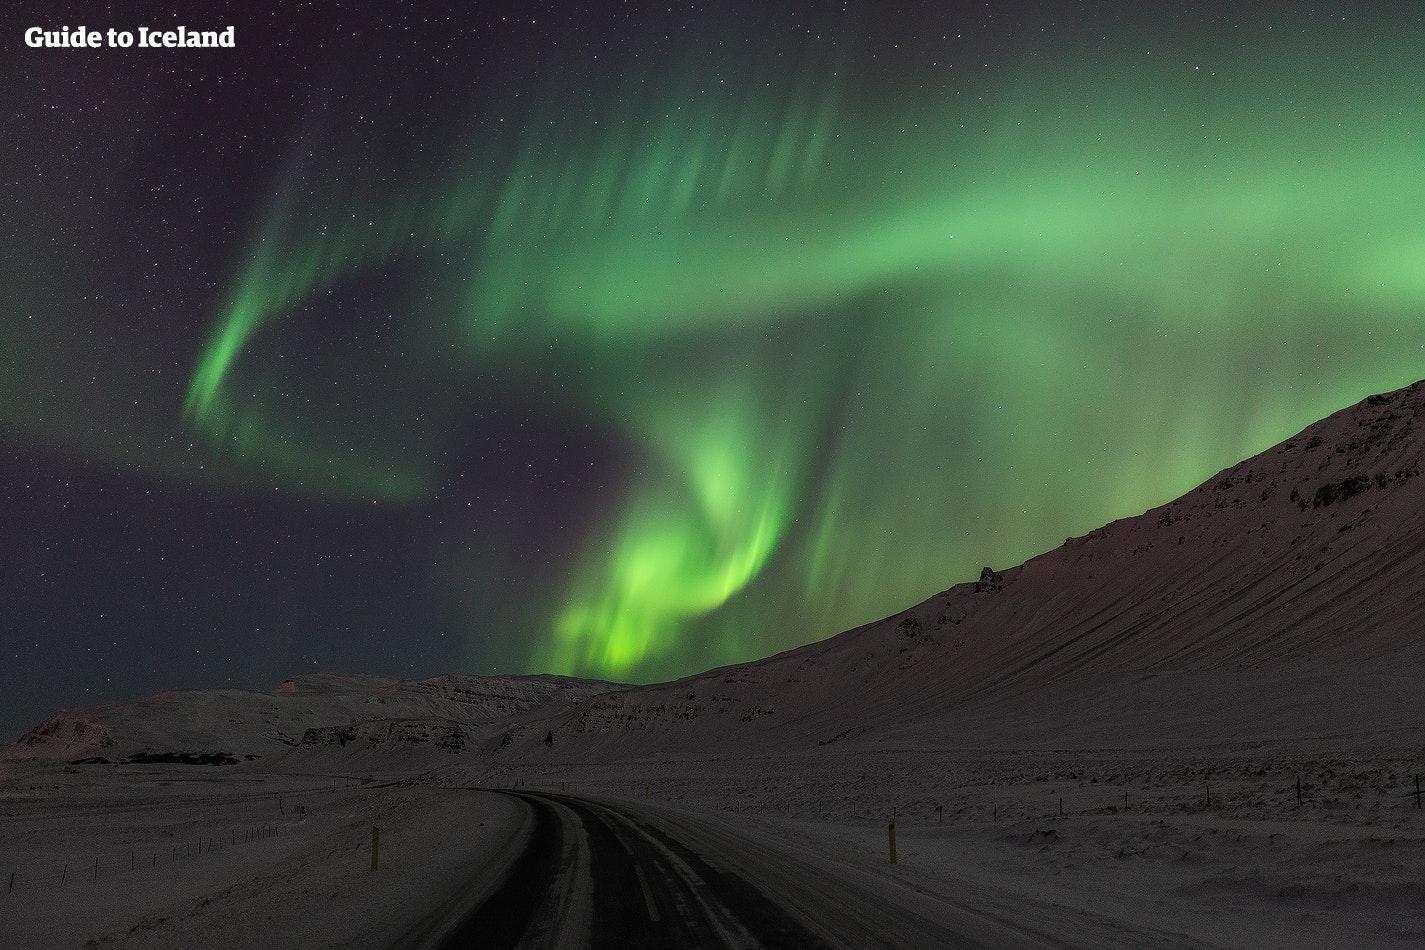 Samodzielne wycieczki wynajętym samochodem po Islandii to idealna opcja dla wszystkich, którzy chcą podziwiać zorzę polarną.